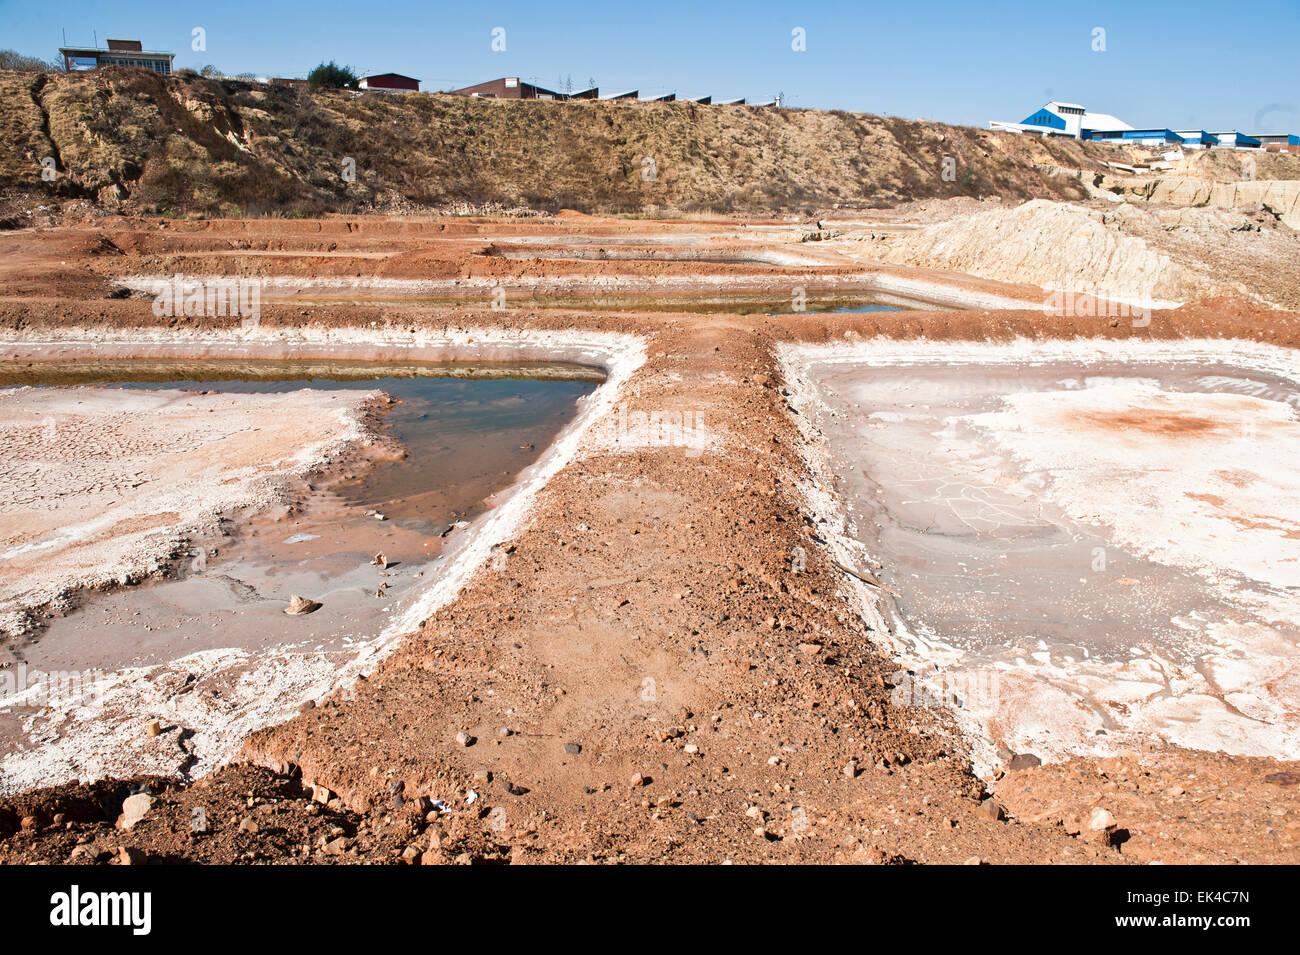 Se ha vuelto más factible para las operaciones mineras para procesar la vieja mina vuelca para el resto de oro que no ha sido extraído de la arena. El proceso de minería subterránea mucha mano de obra y costoso. Estas minas se vuelca atacó lejos con agua y la papilla de barro se canaliza a unos 40km de brakpan en el Rand oriental donde se procesa para llevar a cabo el resto de oro. pic delwyn verasamy Foto de stock